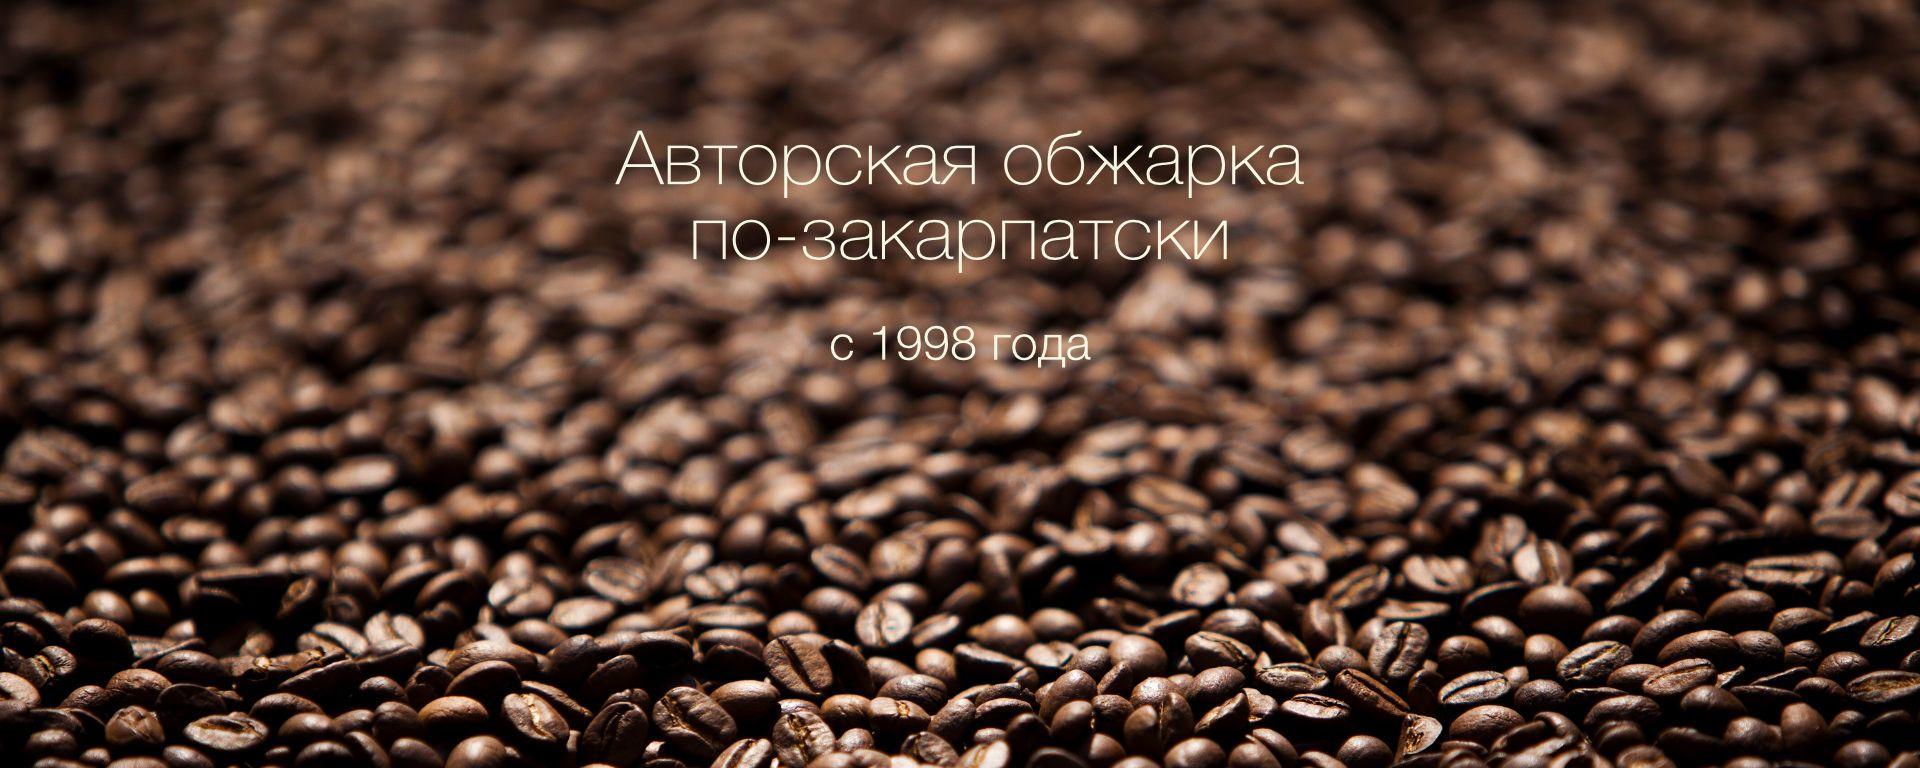 b651d76ea13 Интернет-магазин свежего кофе авторской обжарки